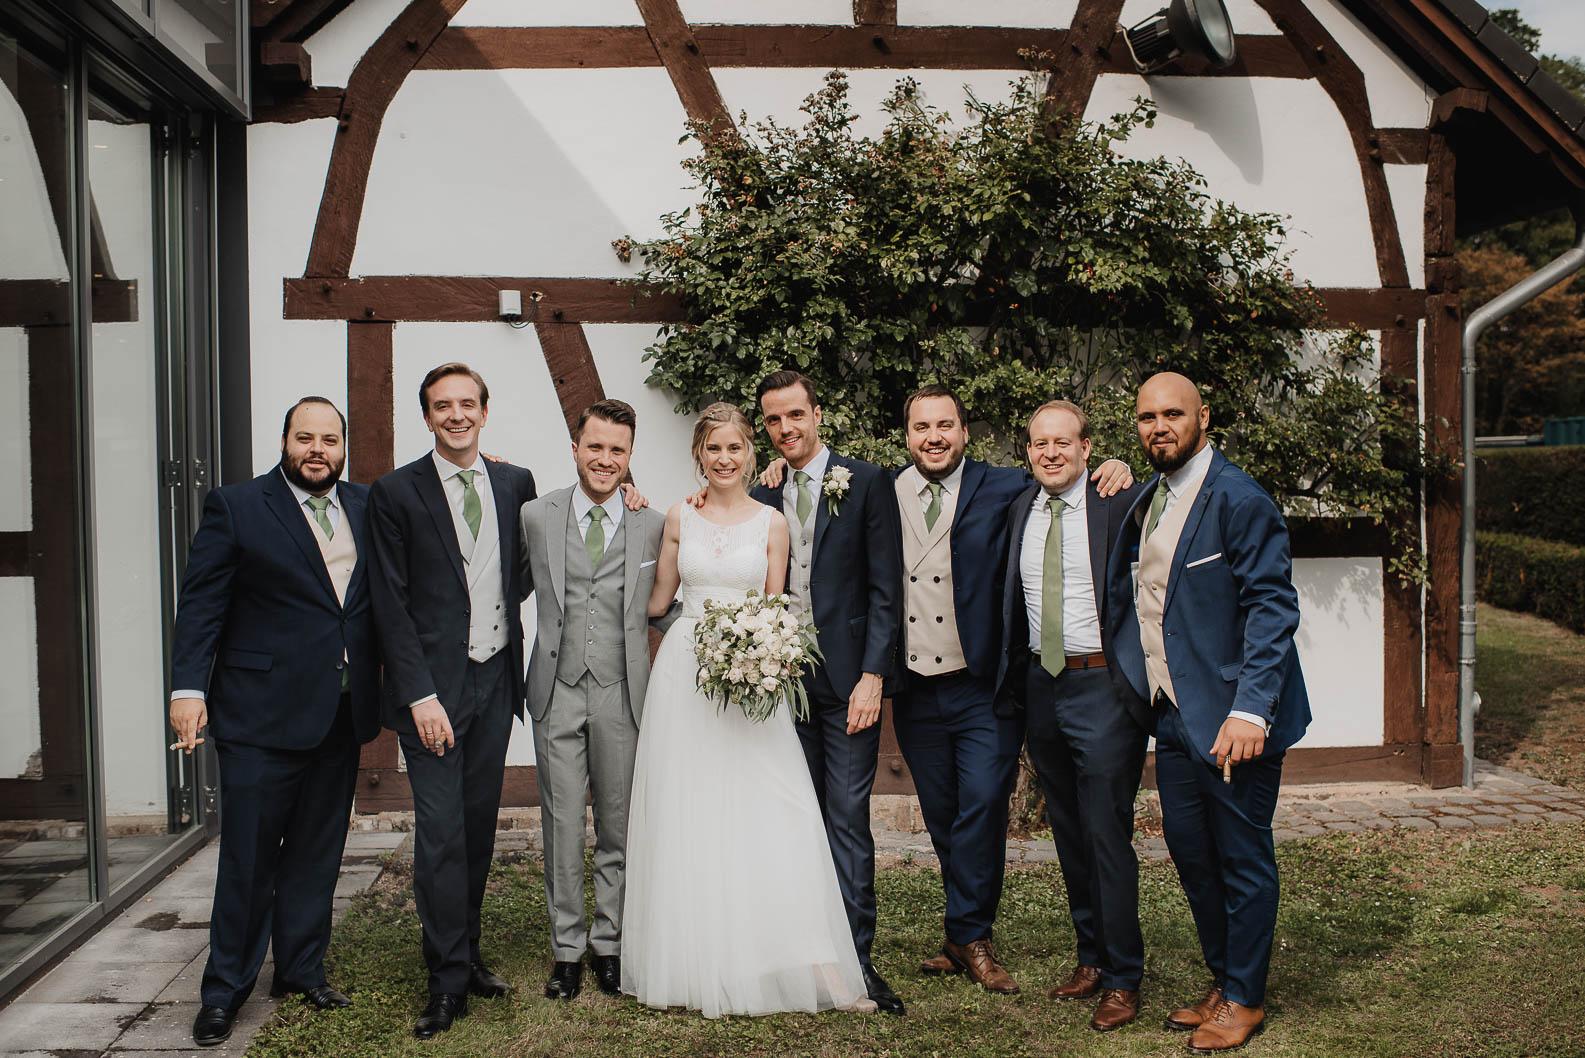 Gruppenfotos bei der Hochzeit auf Burg Heimerzheim Swisttal